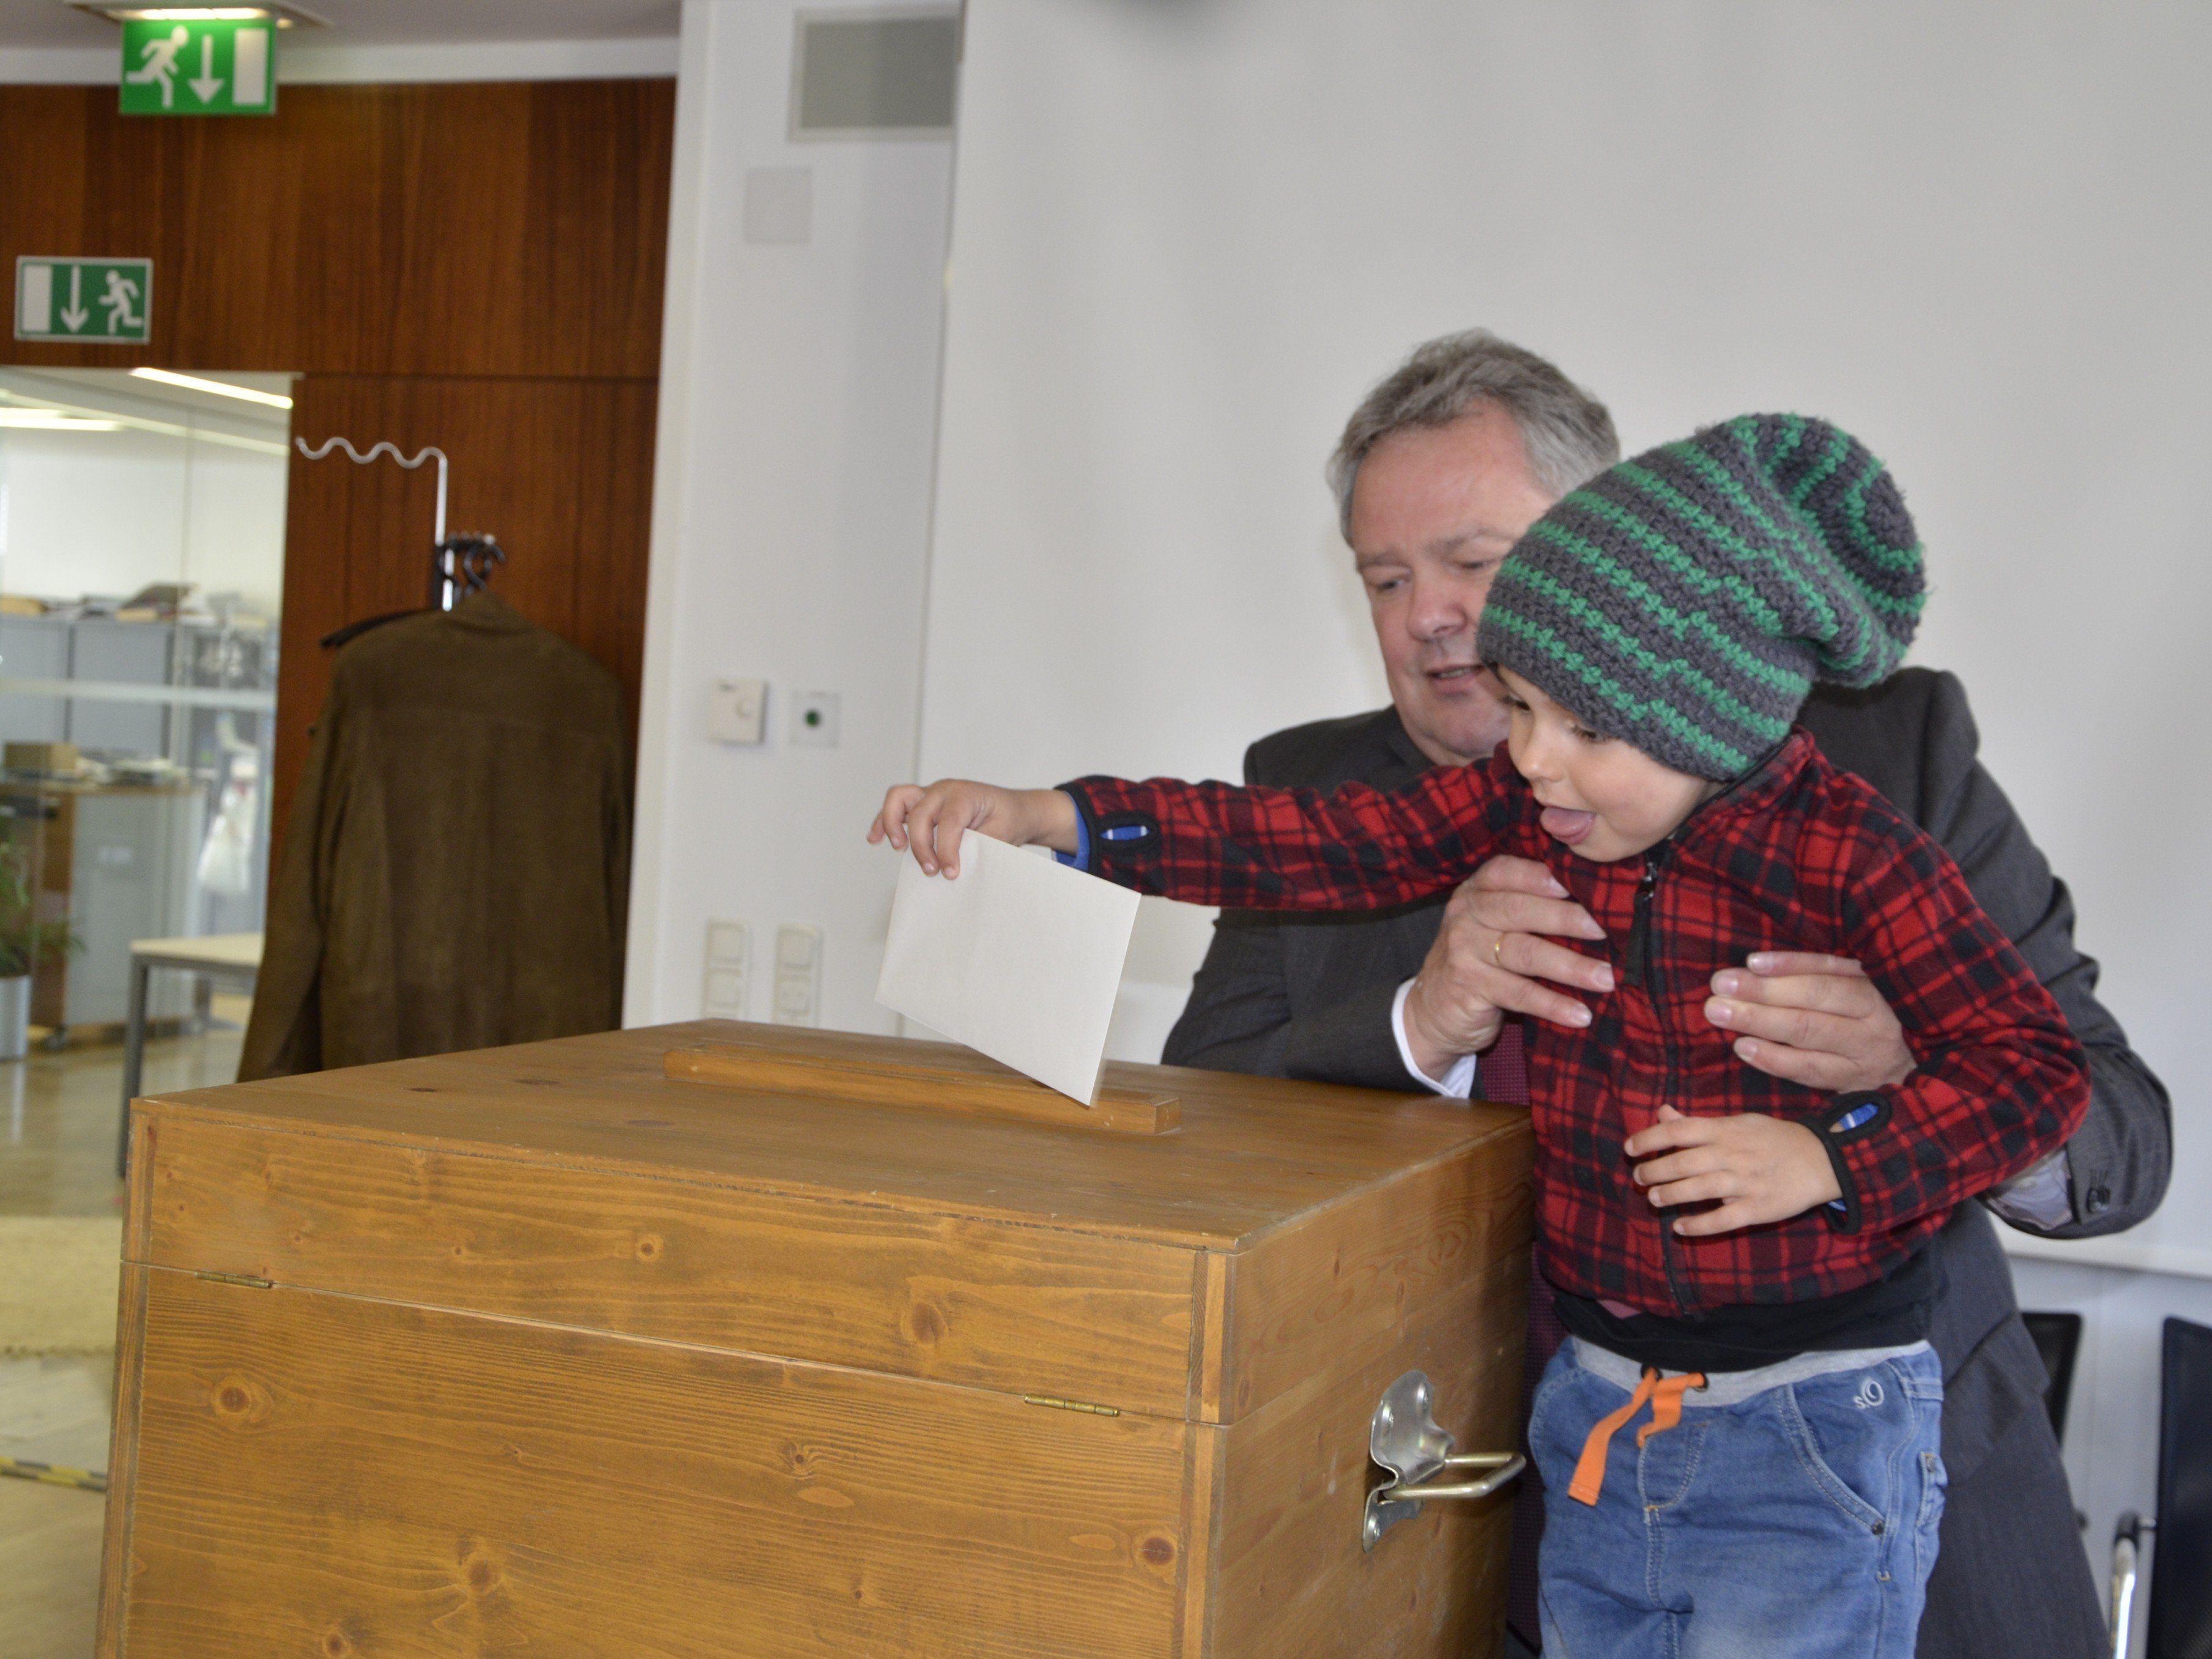 Bürgermeister Wutschitz hieft den Youngster zur Wahlurne!